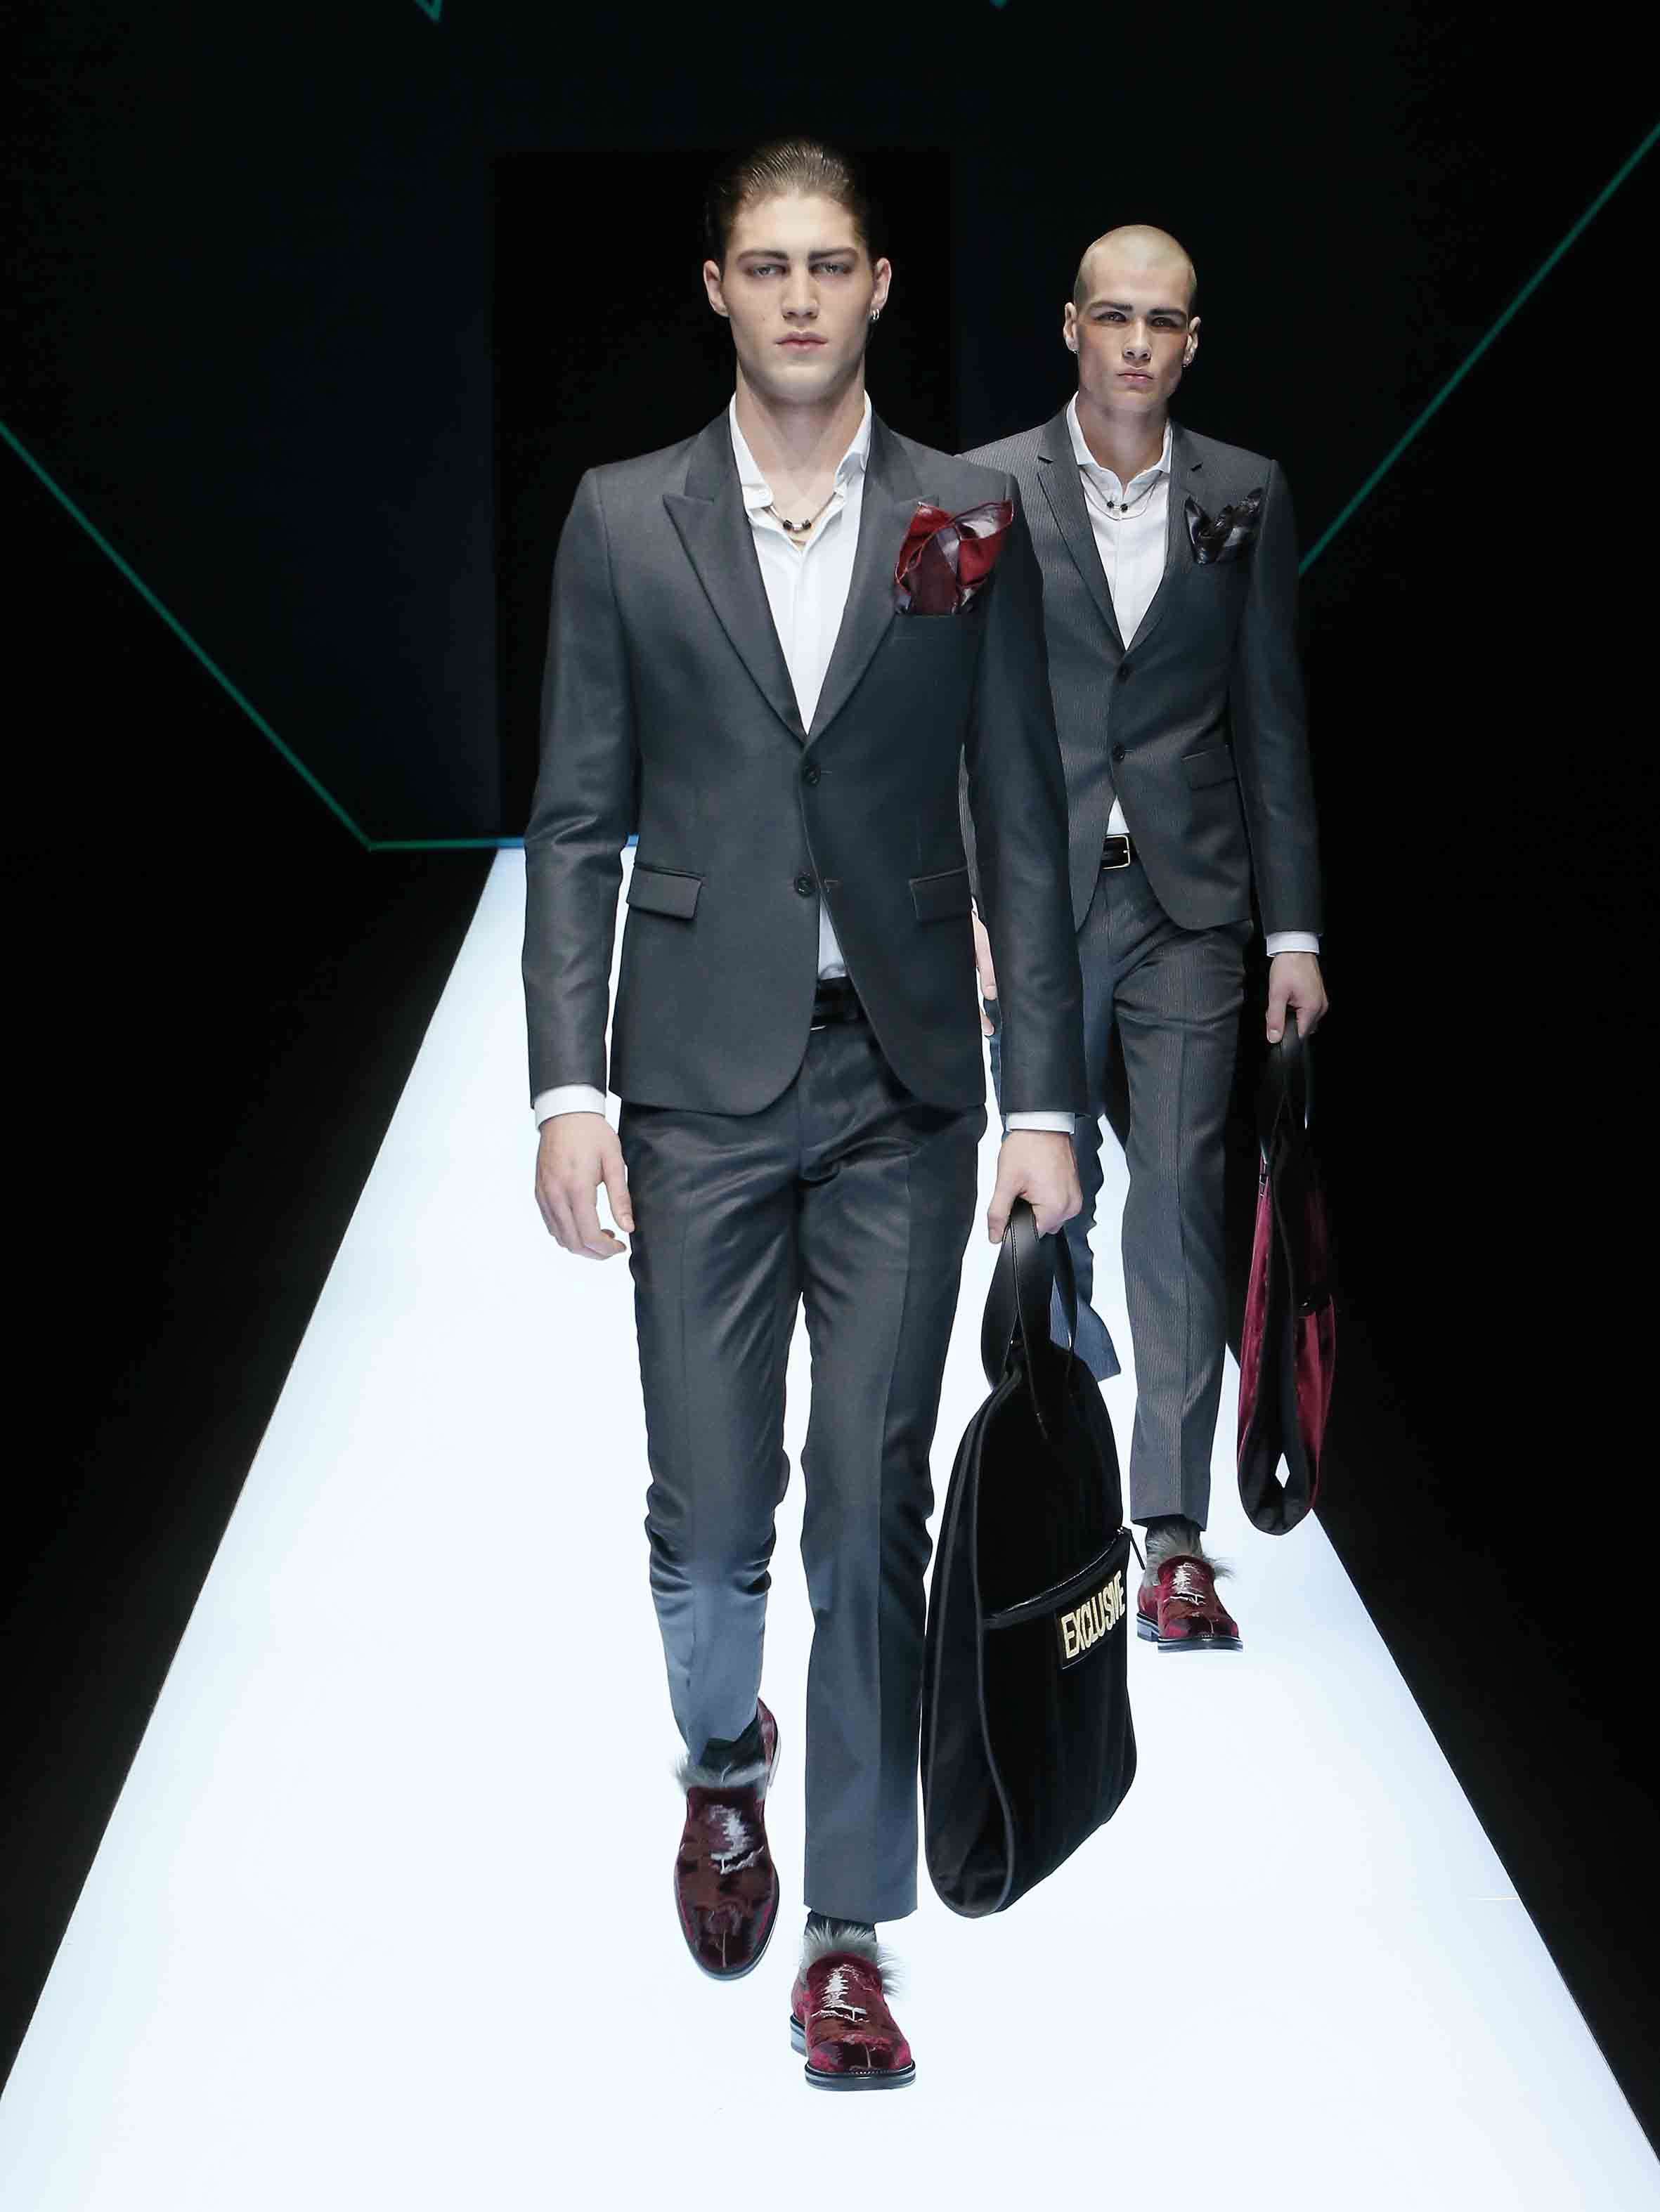 Emporio Armani Men Fall Winter 2018 Fashion Show